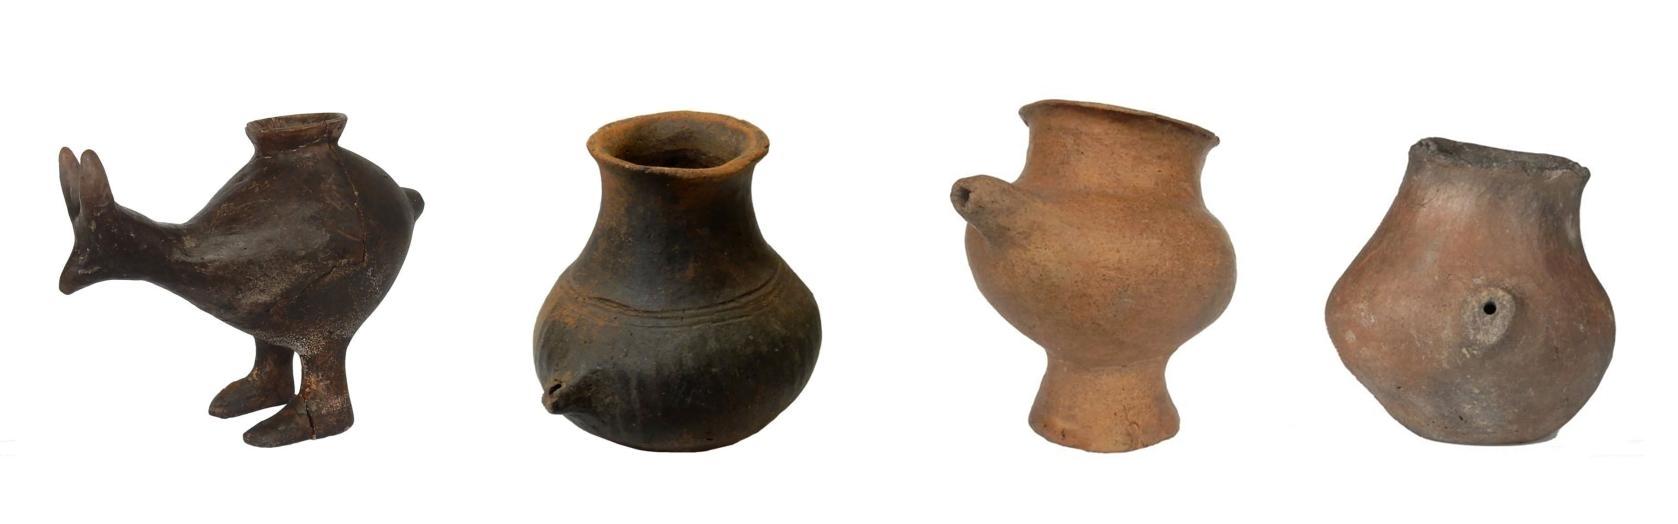 陶奶瓶約從7000年前開始出現在歐洲,其中有些還是動物造型的。這幾個樣本可追溯到公元前1200-800年。PHOTOGRAPH BY KATHARINA REBAY-SALISBURY